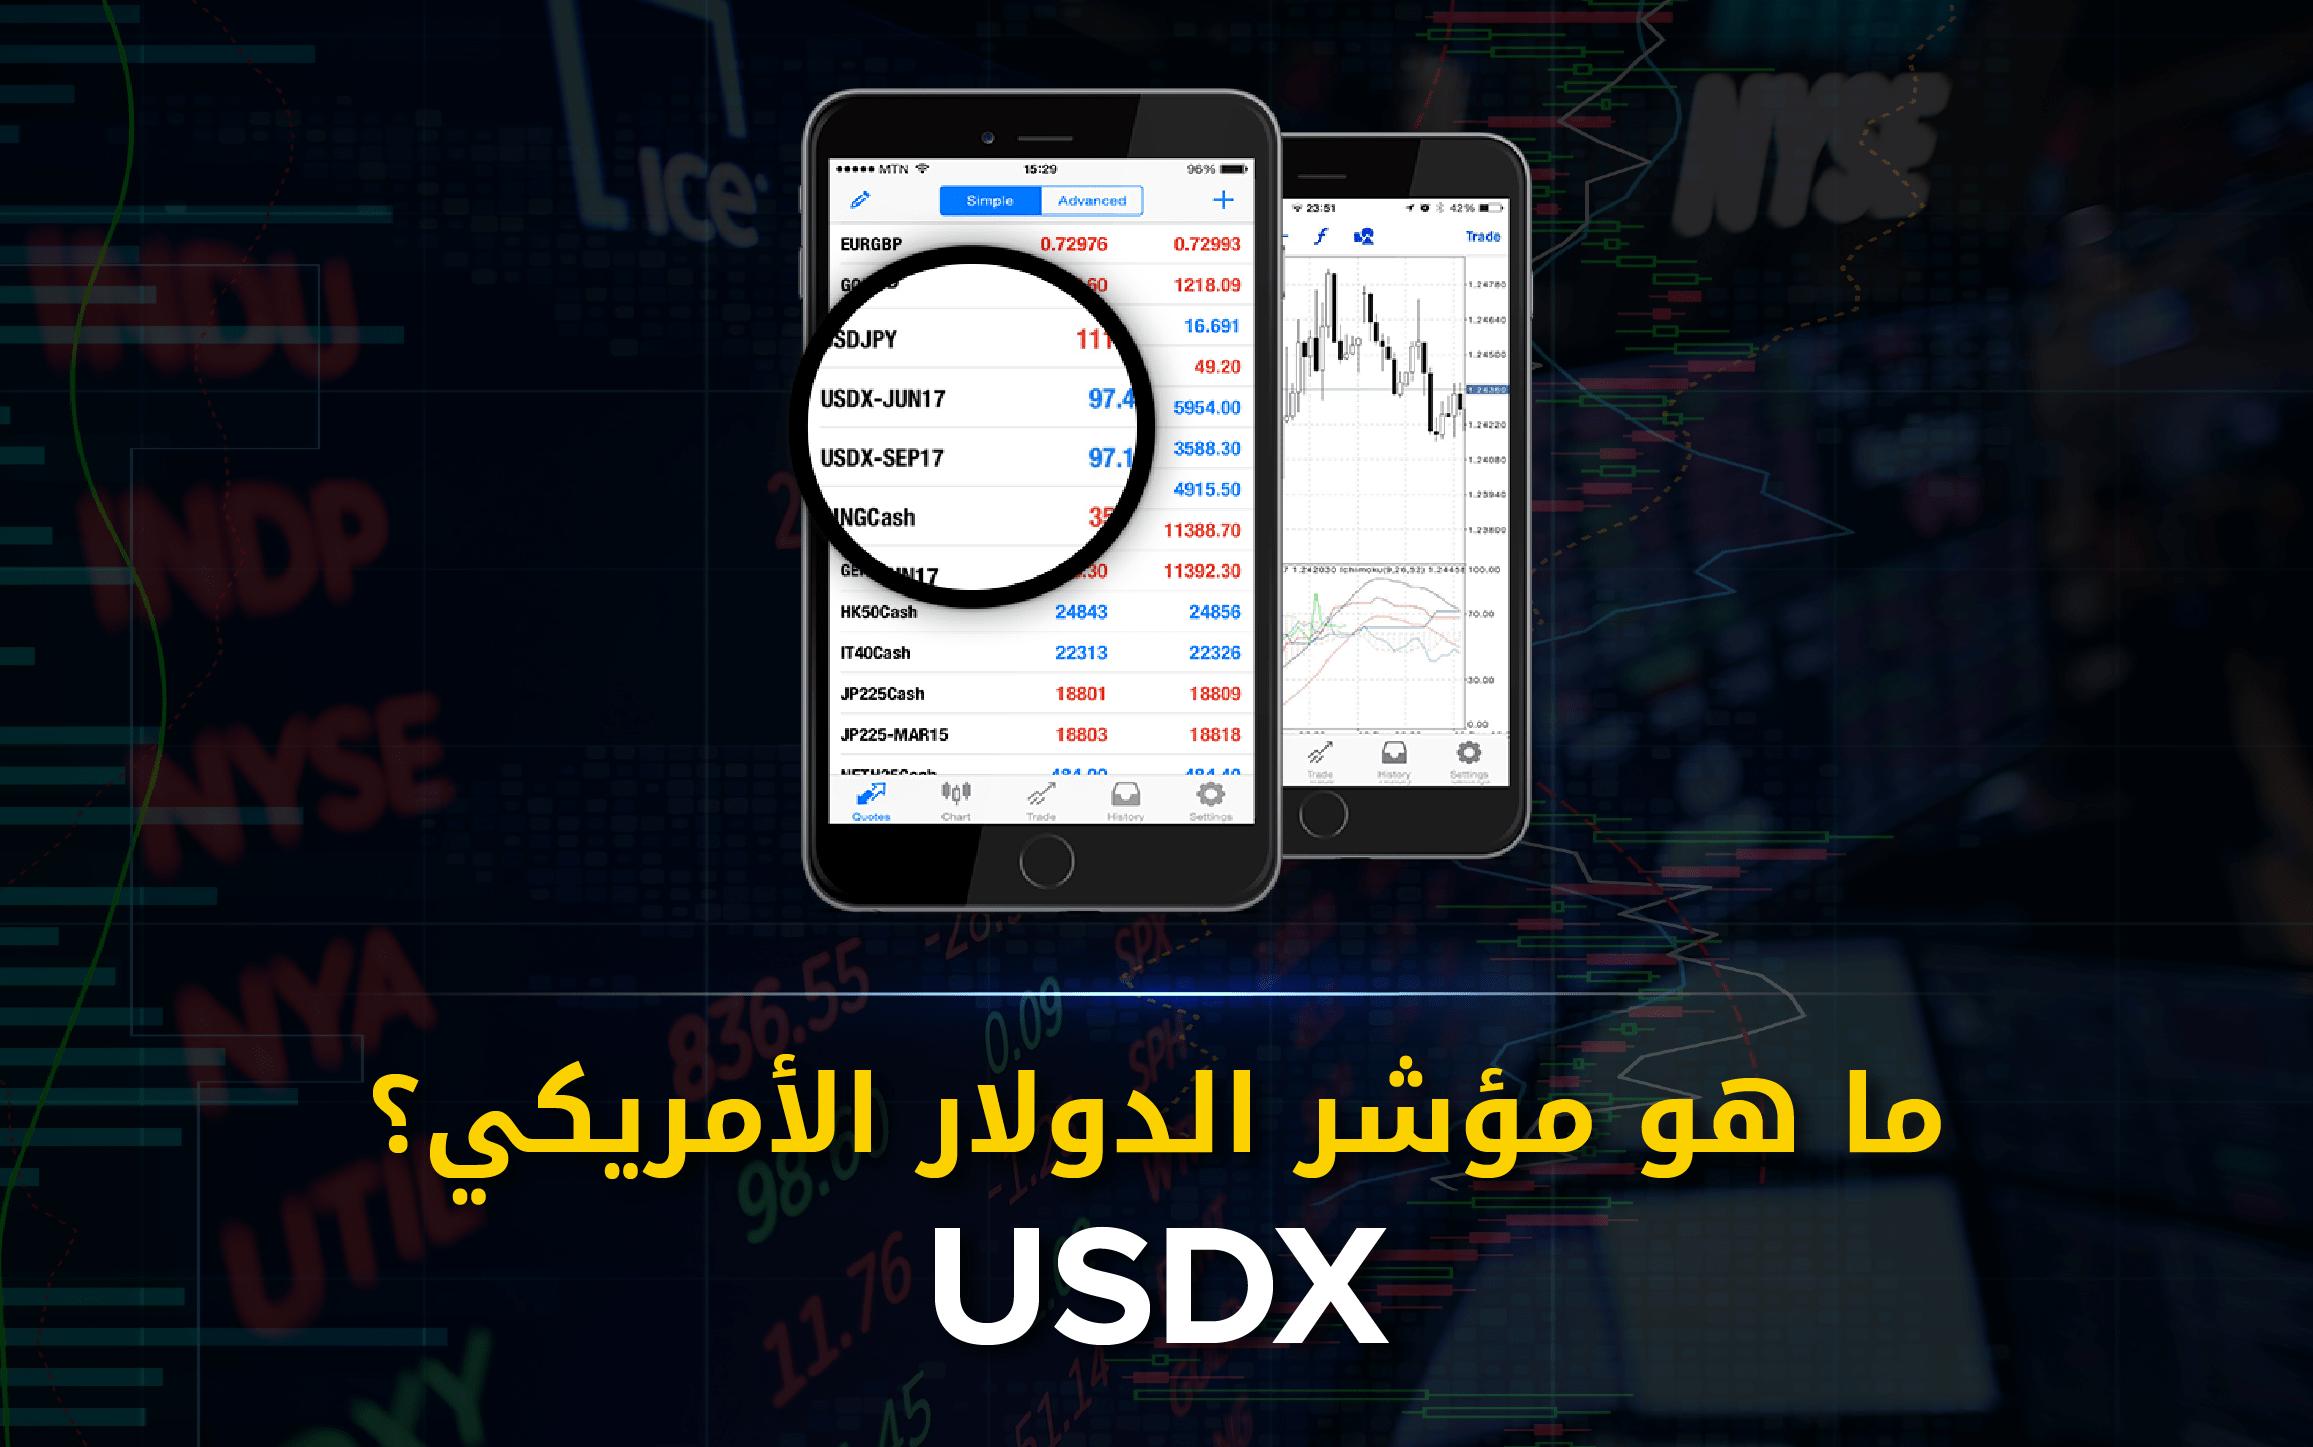 ما هو مؤشر الدولار الأمريكي؟ USDX